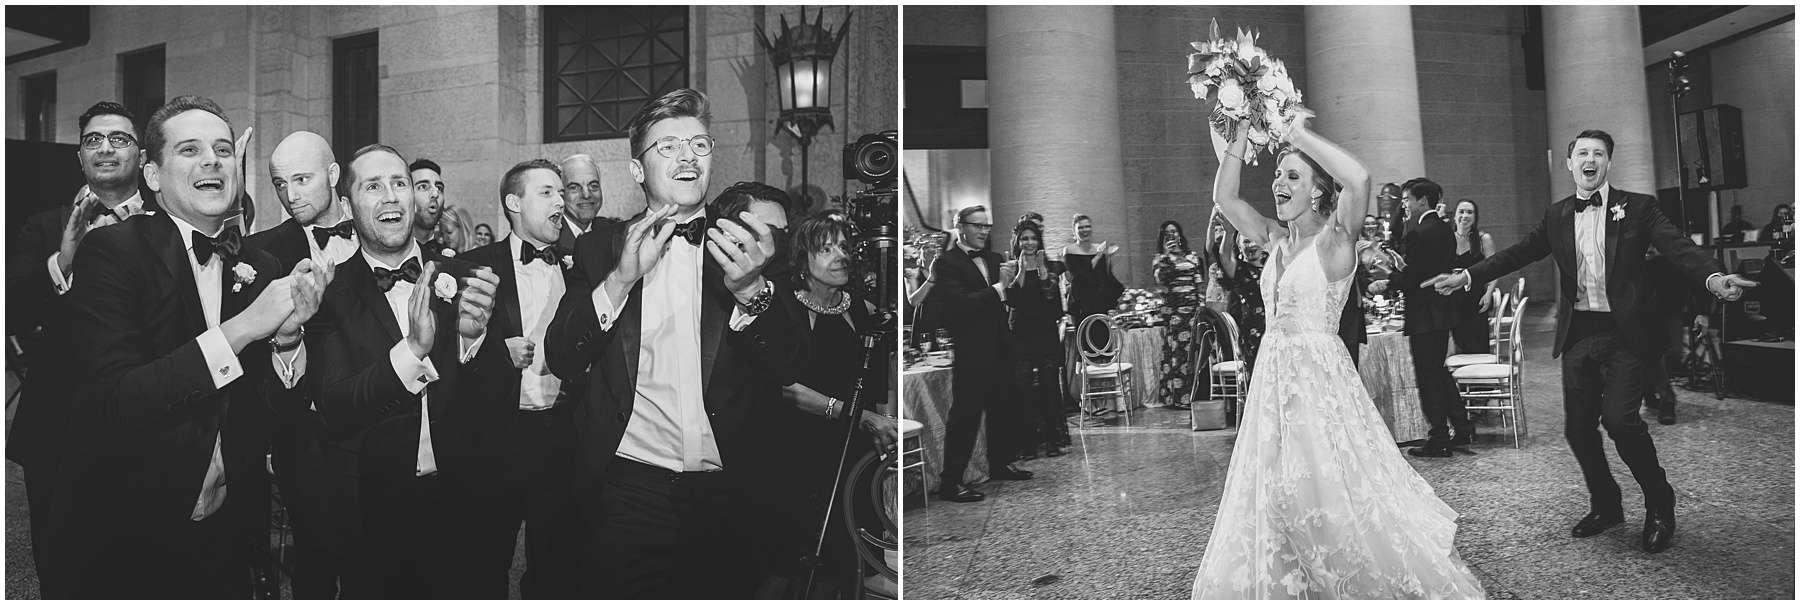 Wedding at the Ohio Statehouse | Columbus Ohio Weddings 206